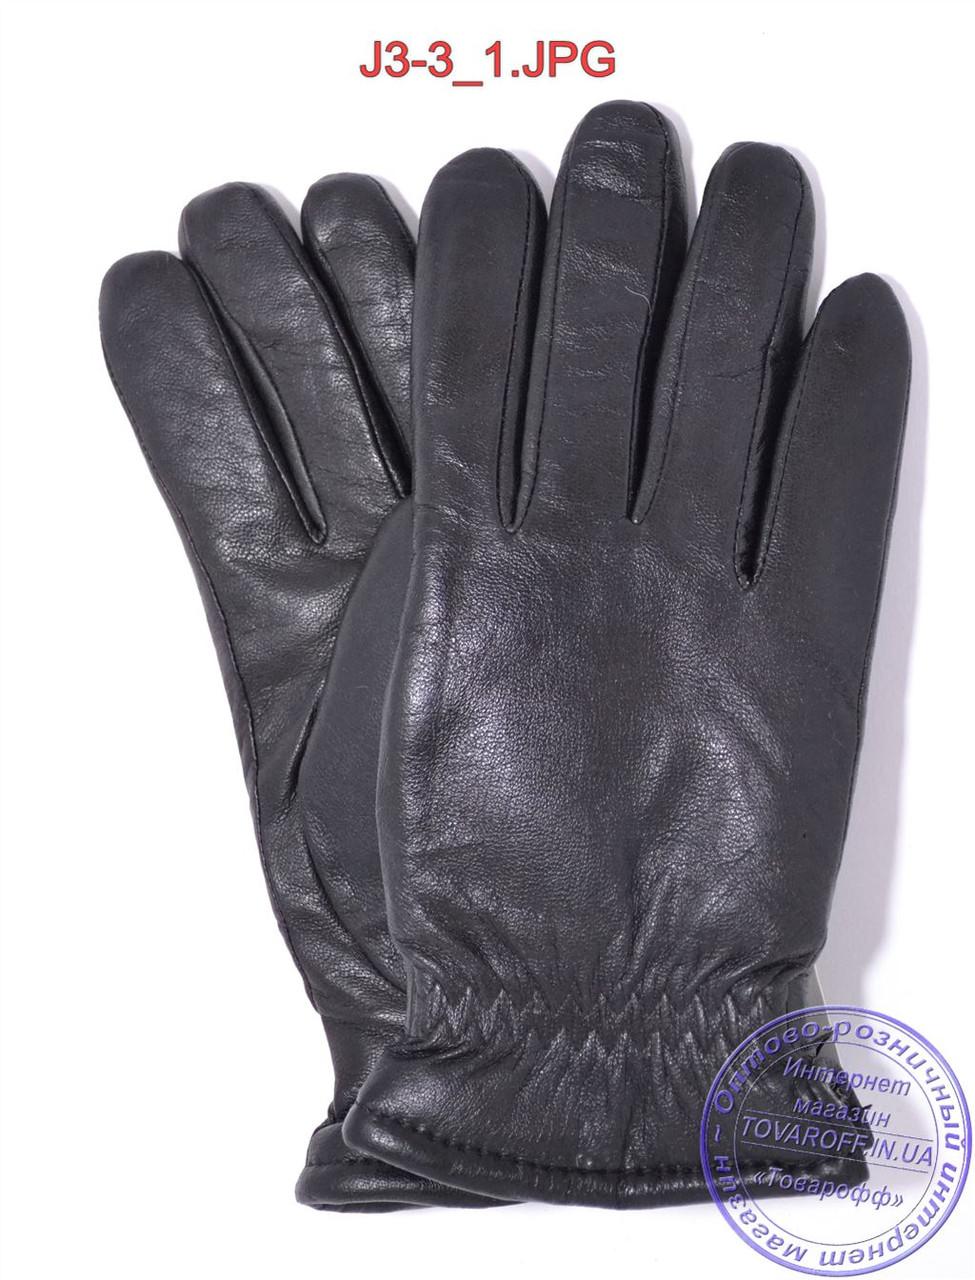 Оптом подростковые кожаные перчатки с махровой подкладкой - №J3-3